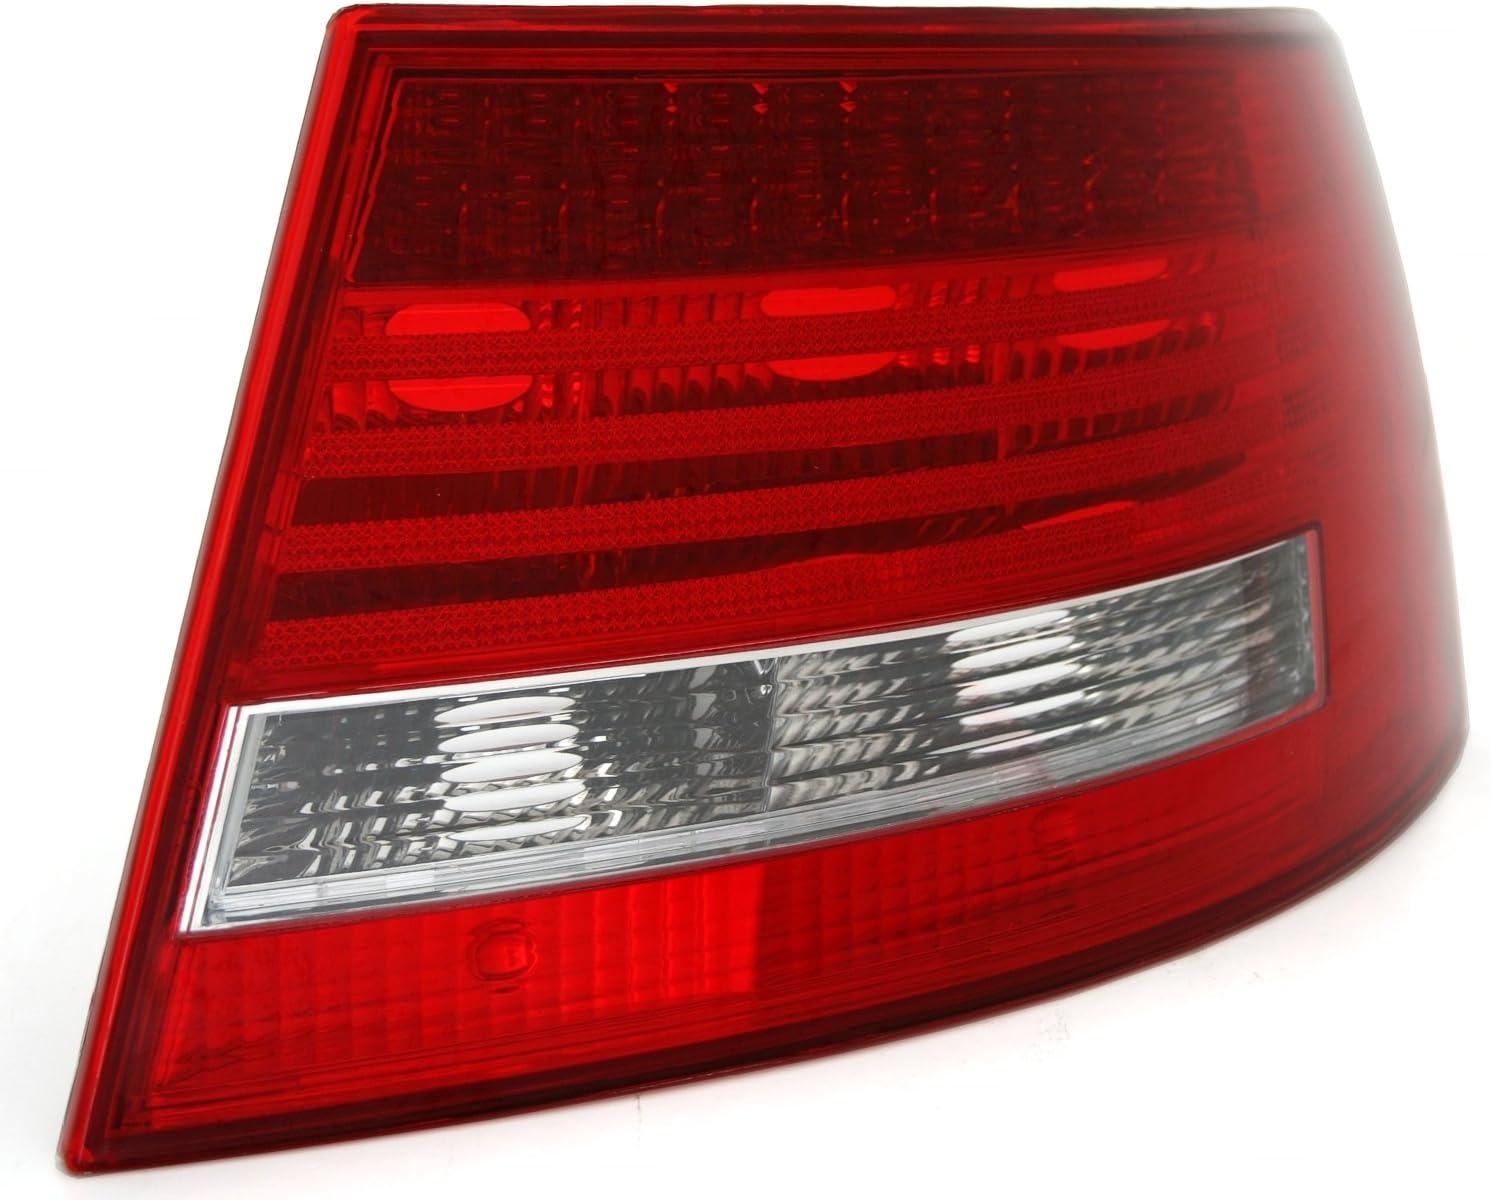 Ad Tuning Gmbh Co Kg Depo Led Rückleuchte Für 7 Poligen Lampenträger Rechte Seite Beifahrerseite Auto